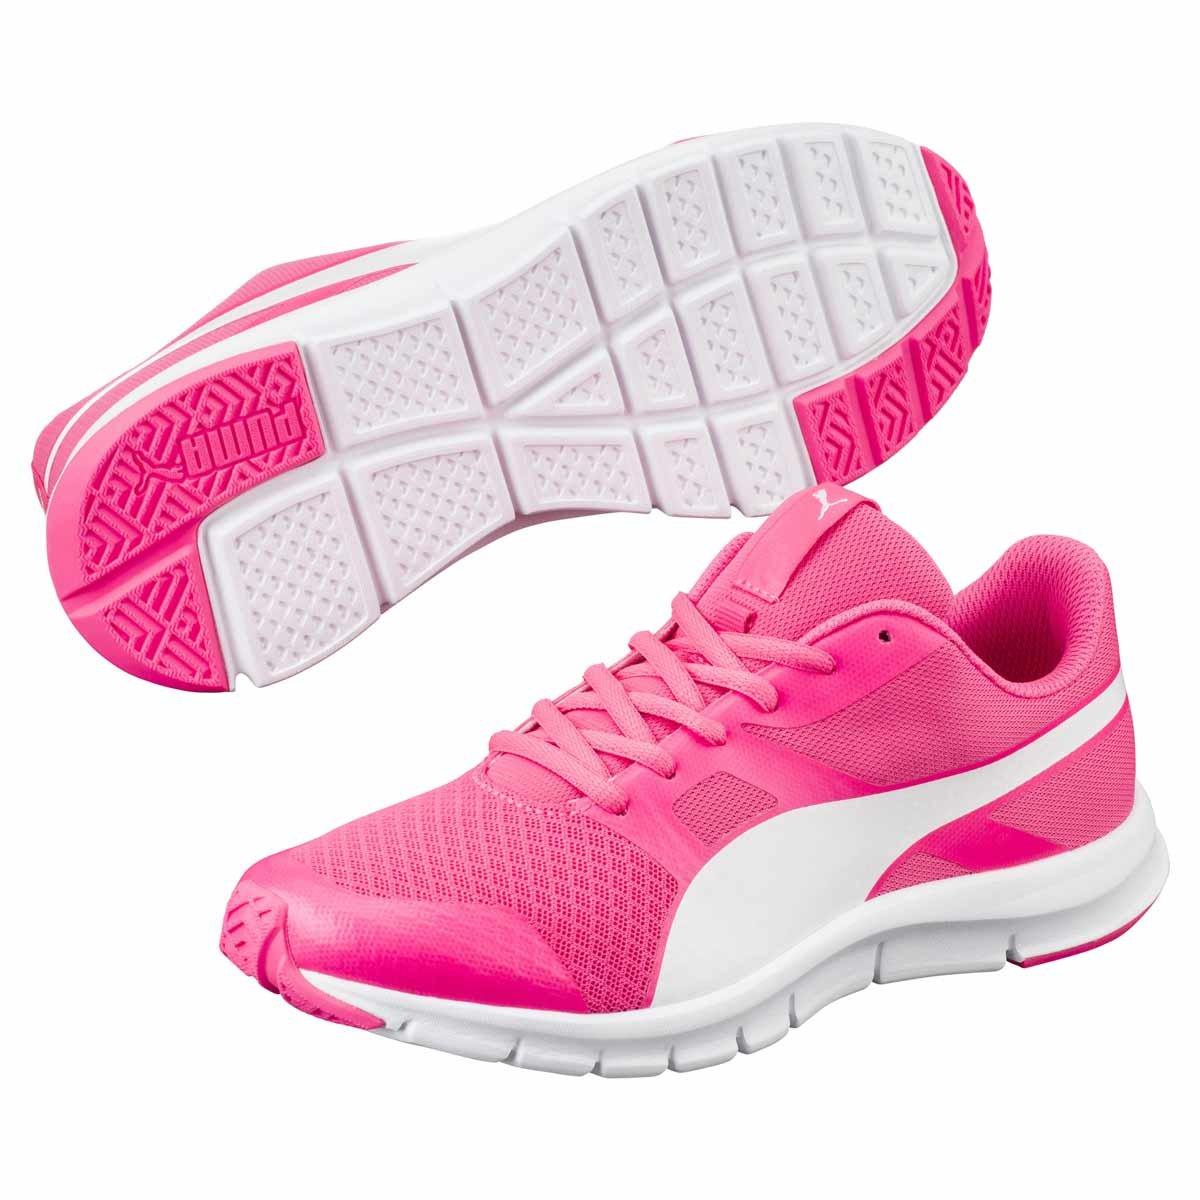 zapatillas deportivas puma mujer rosa